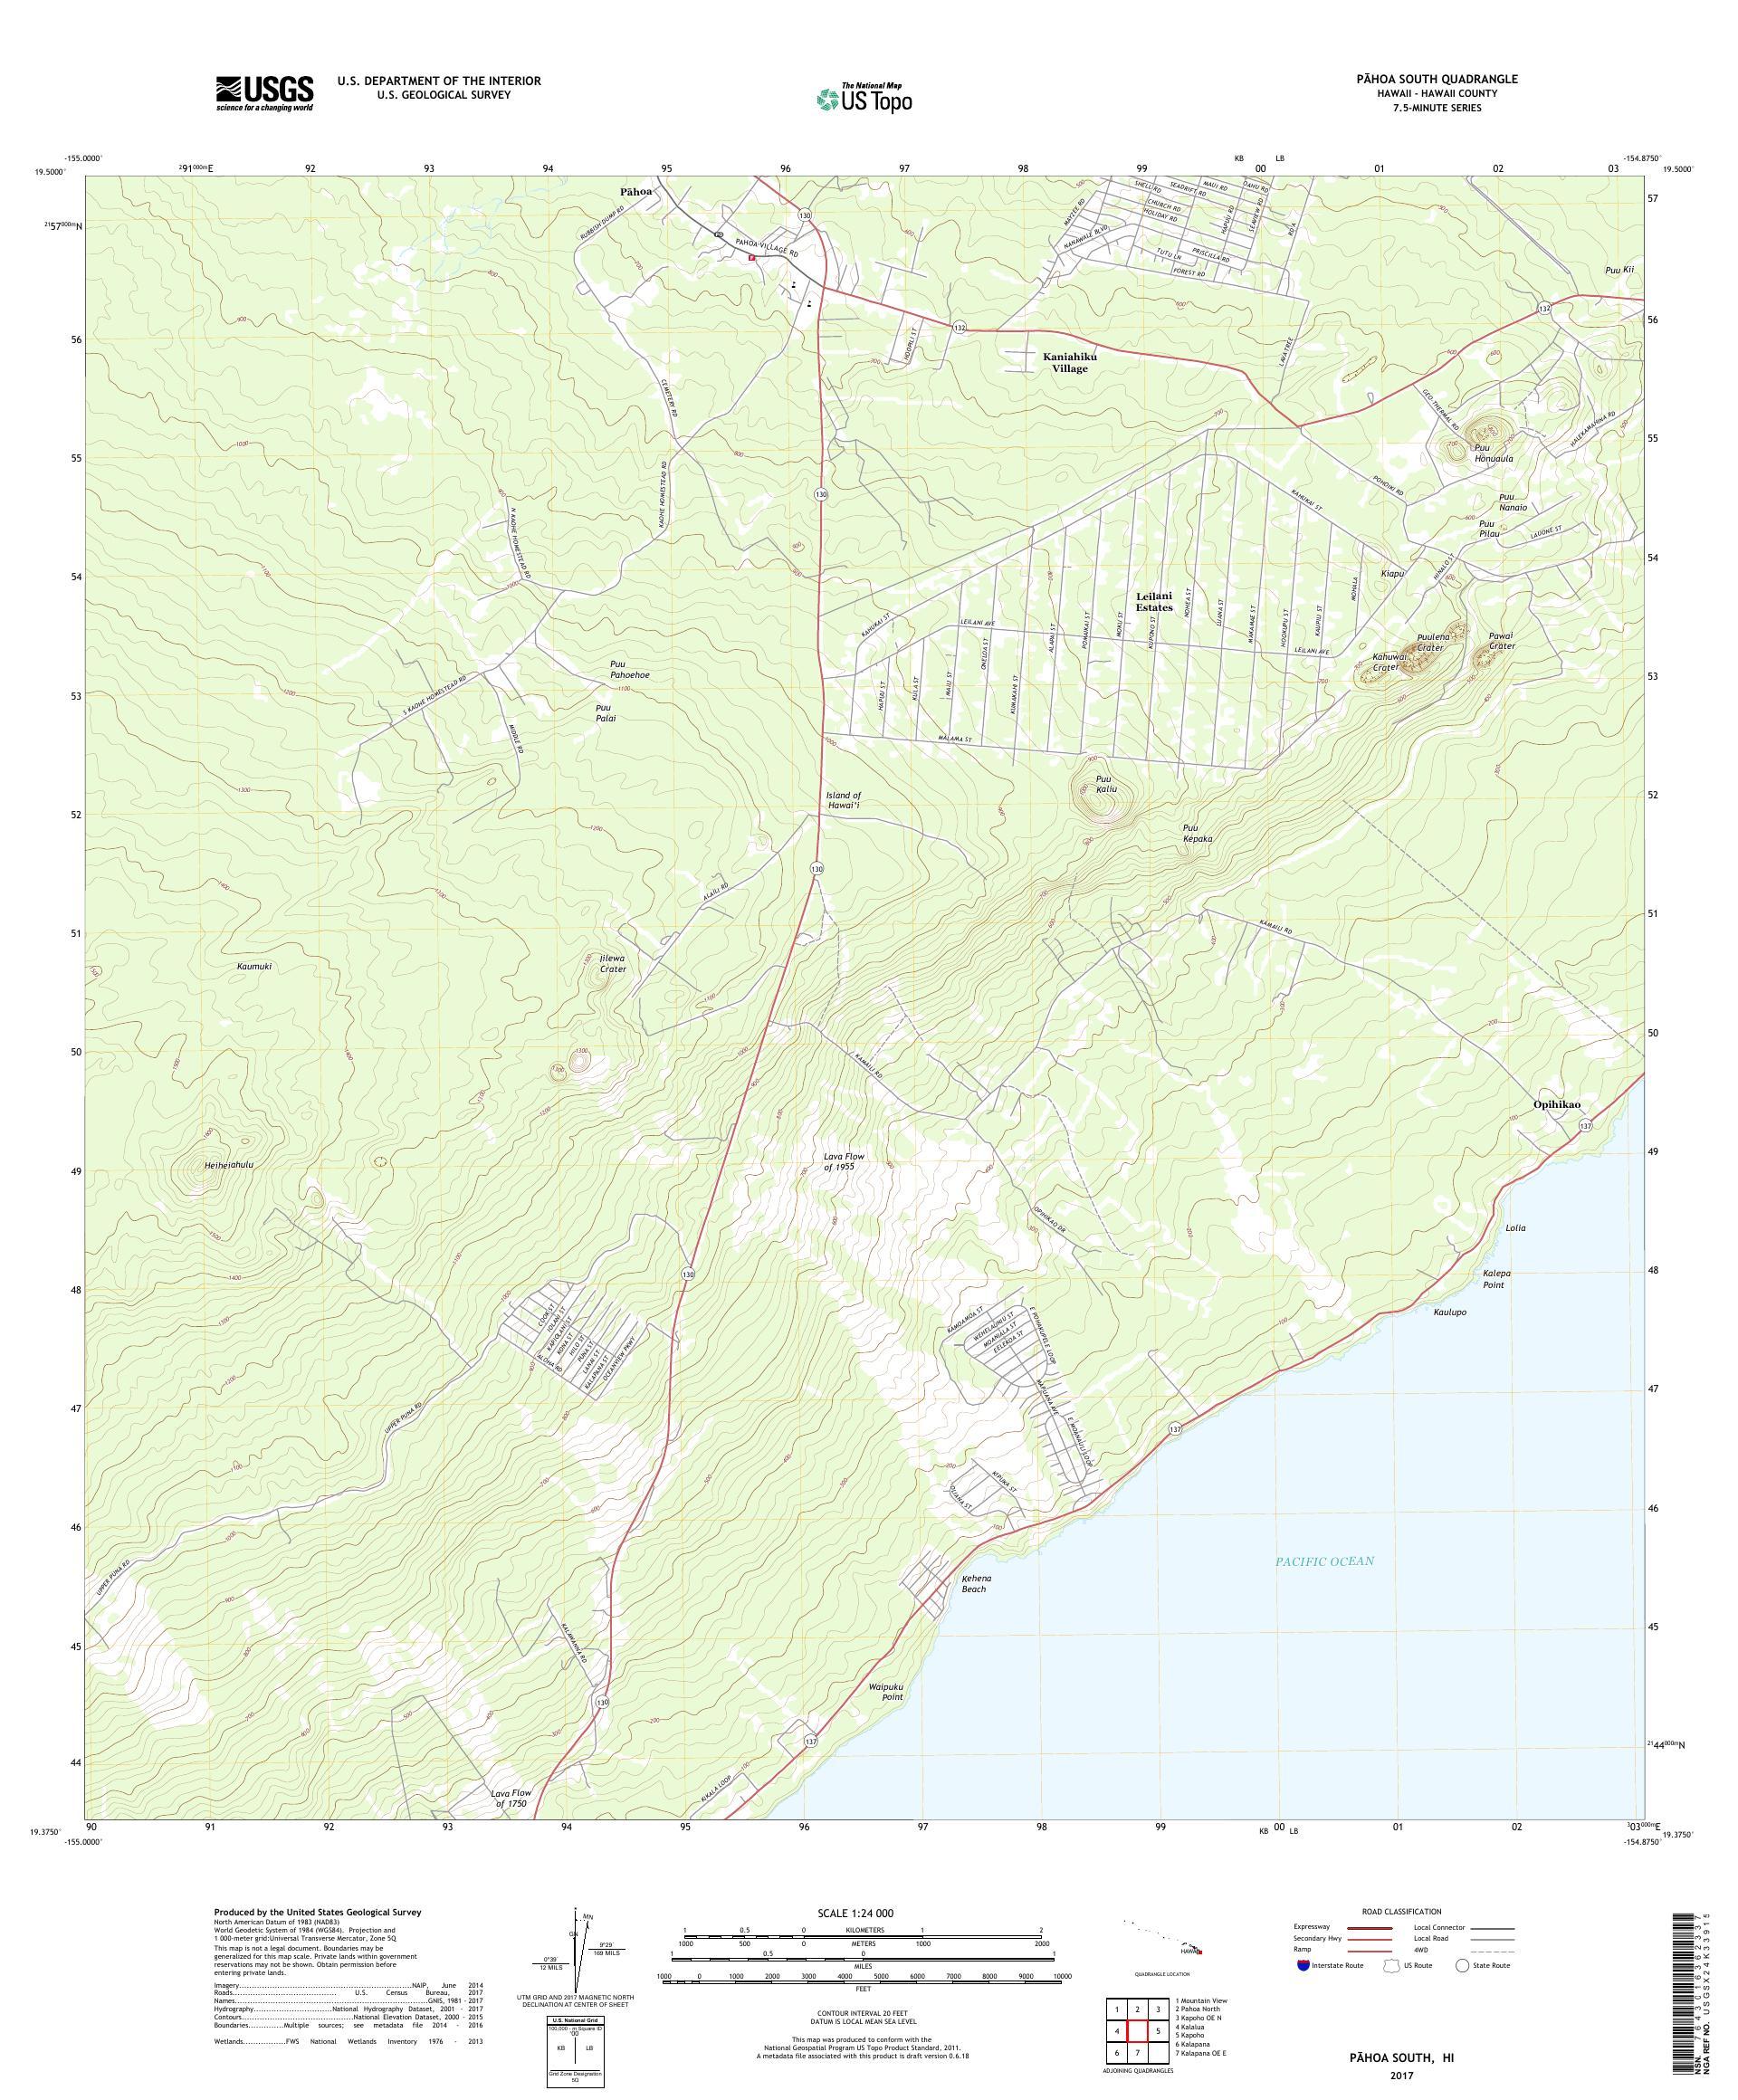 MyTopo Pahoa South, Hawaii USGS Quad Topo Map